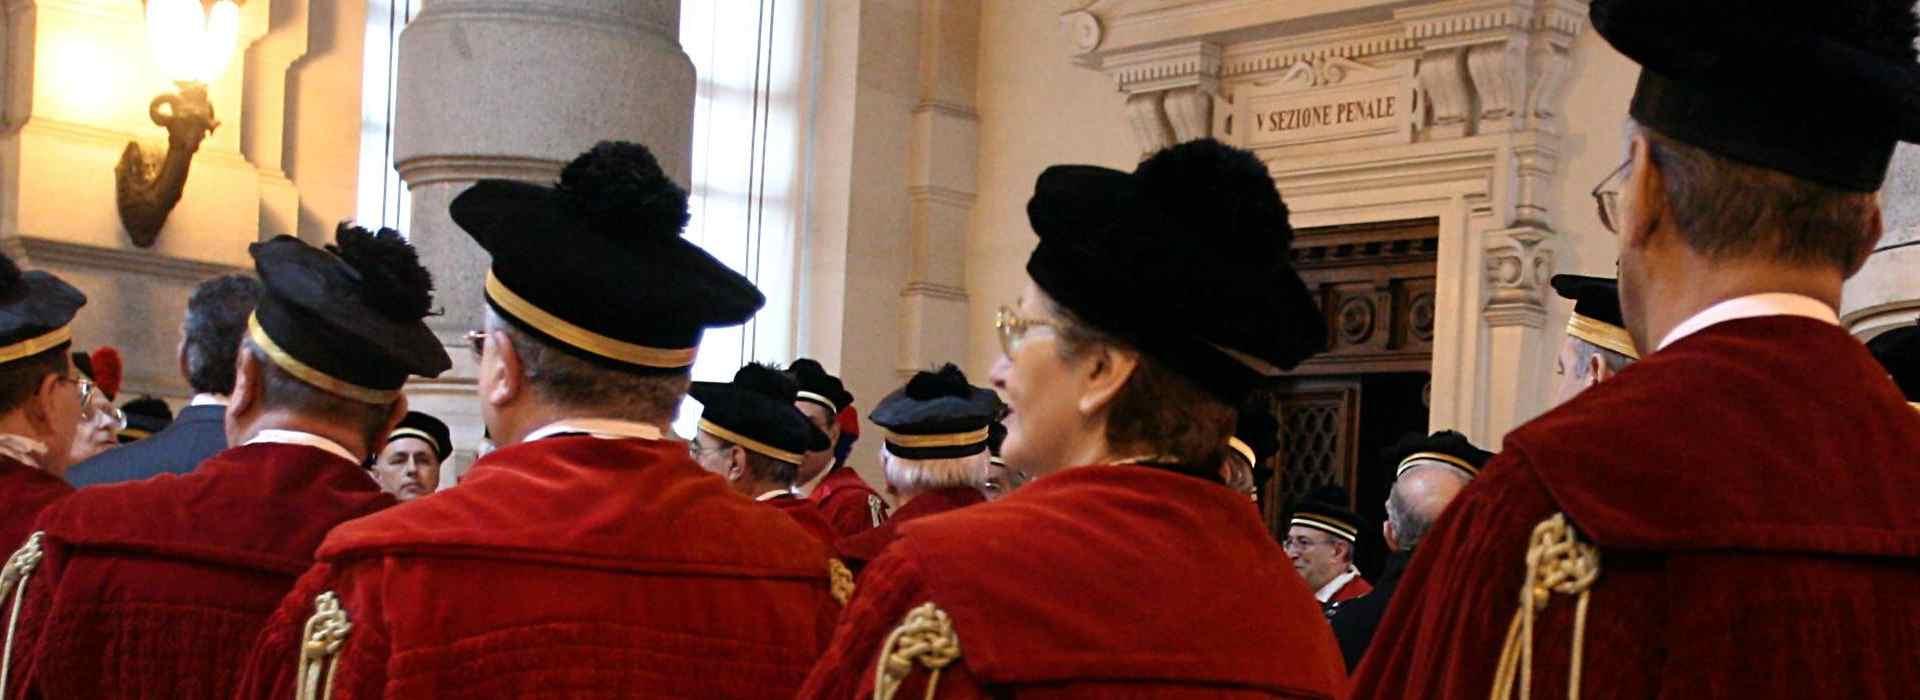 Magistratura e politica: quando i due poteri si mescolano